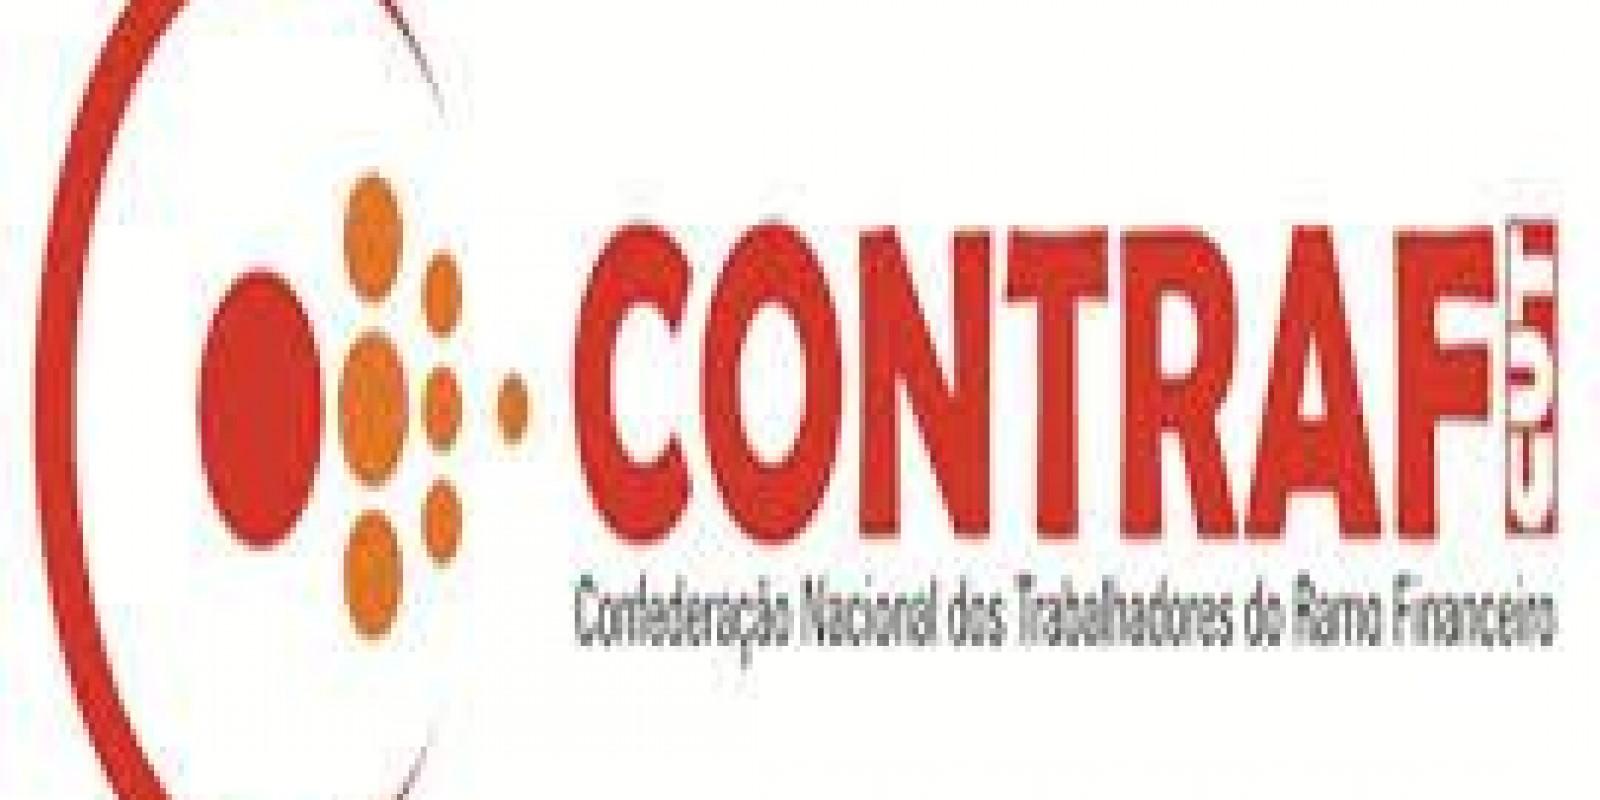 CUT inicia campanha pela anulação da Reforma Trabalhista nesta quinta (7)